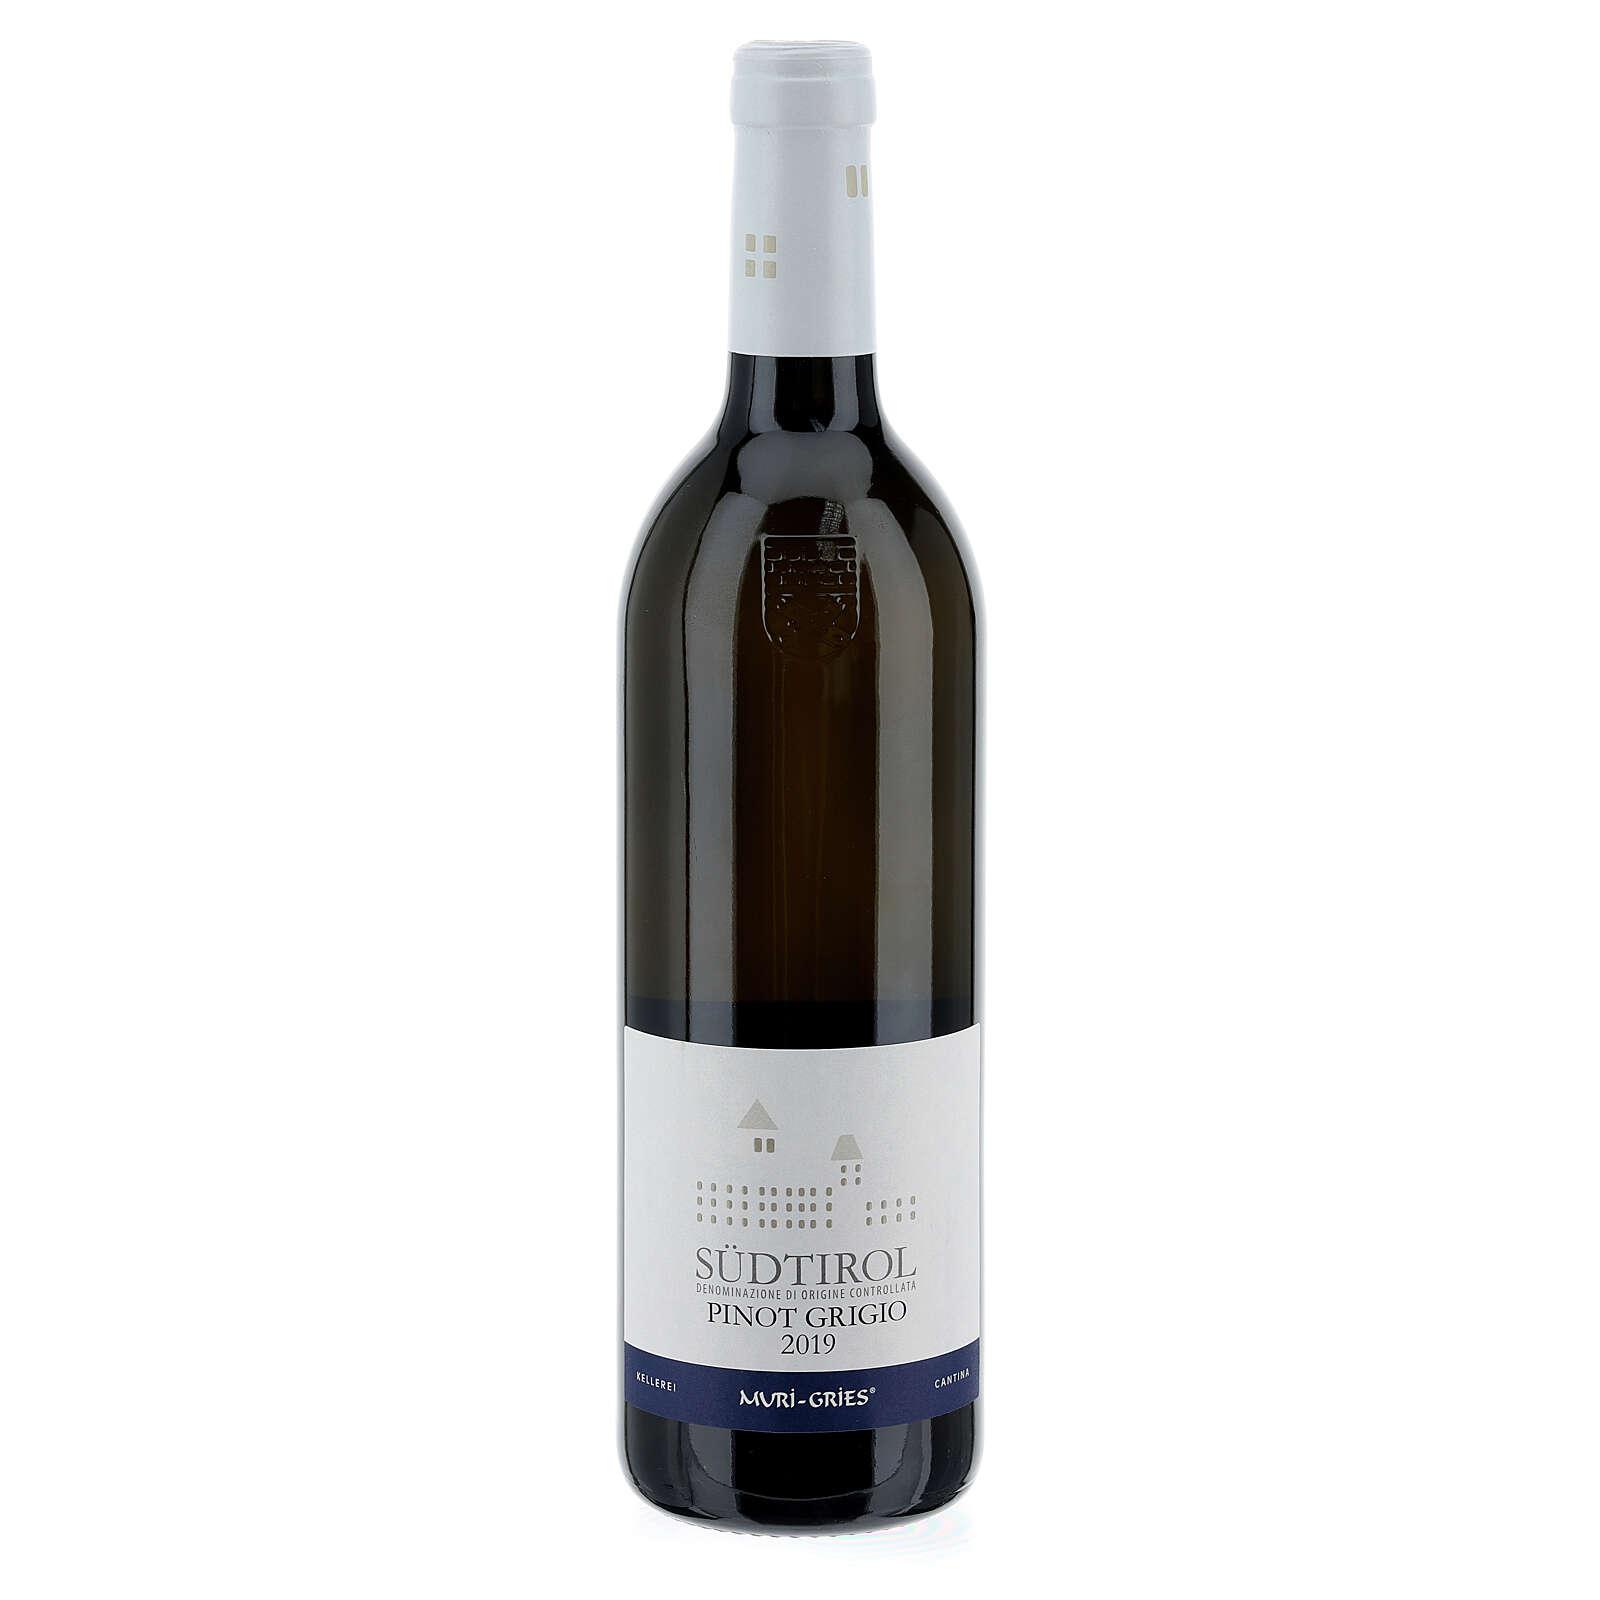 Vino Pinot Grigio DOC 2019 Abbazia Muri Gries 750 ml 3